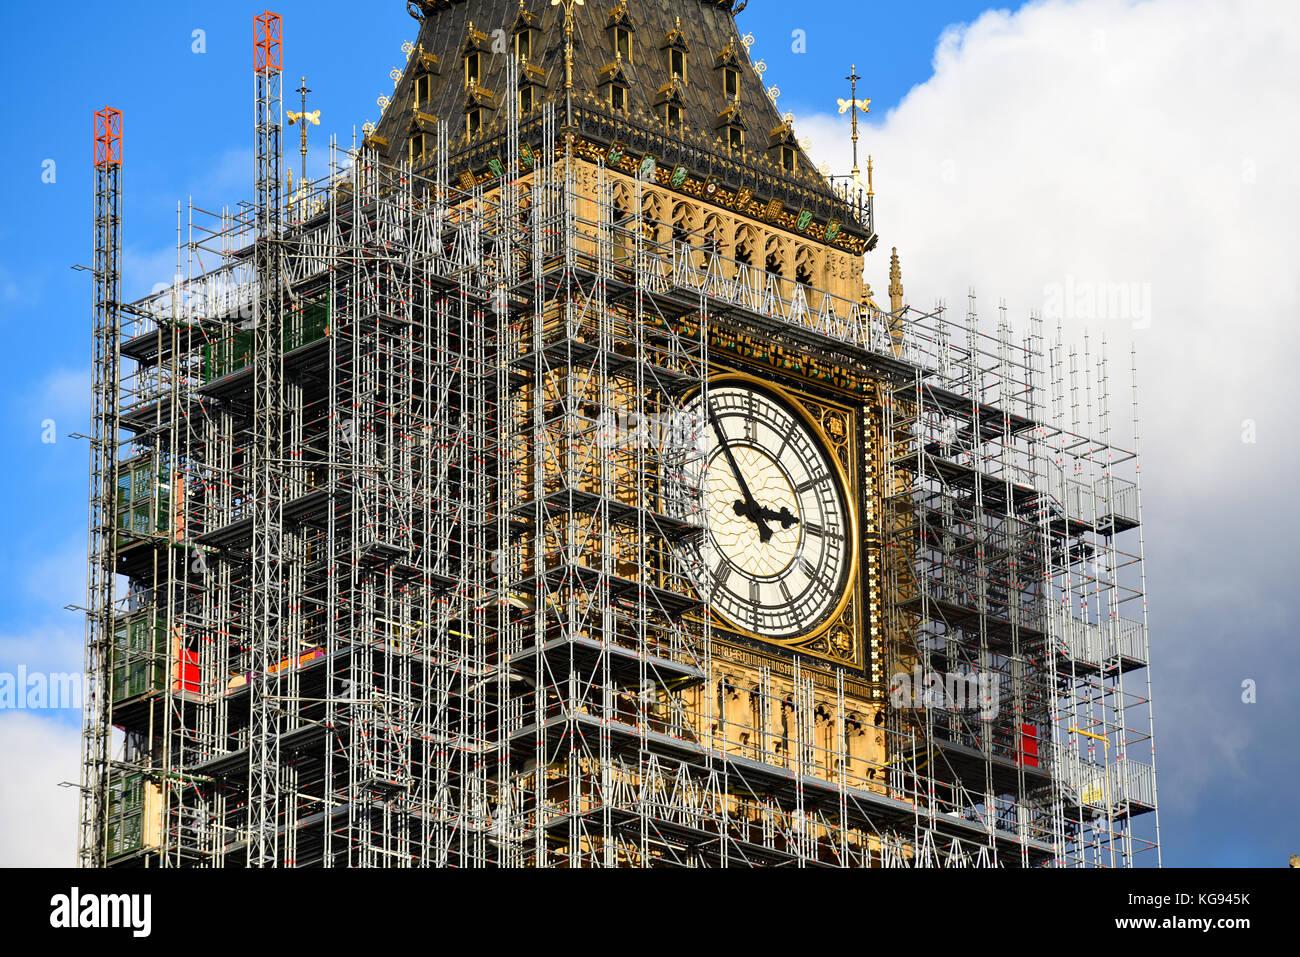 Clock Tower Renovation Stock Photos Amp Clock Tower